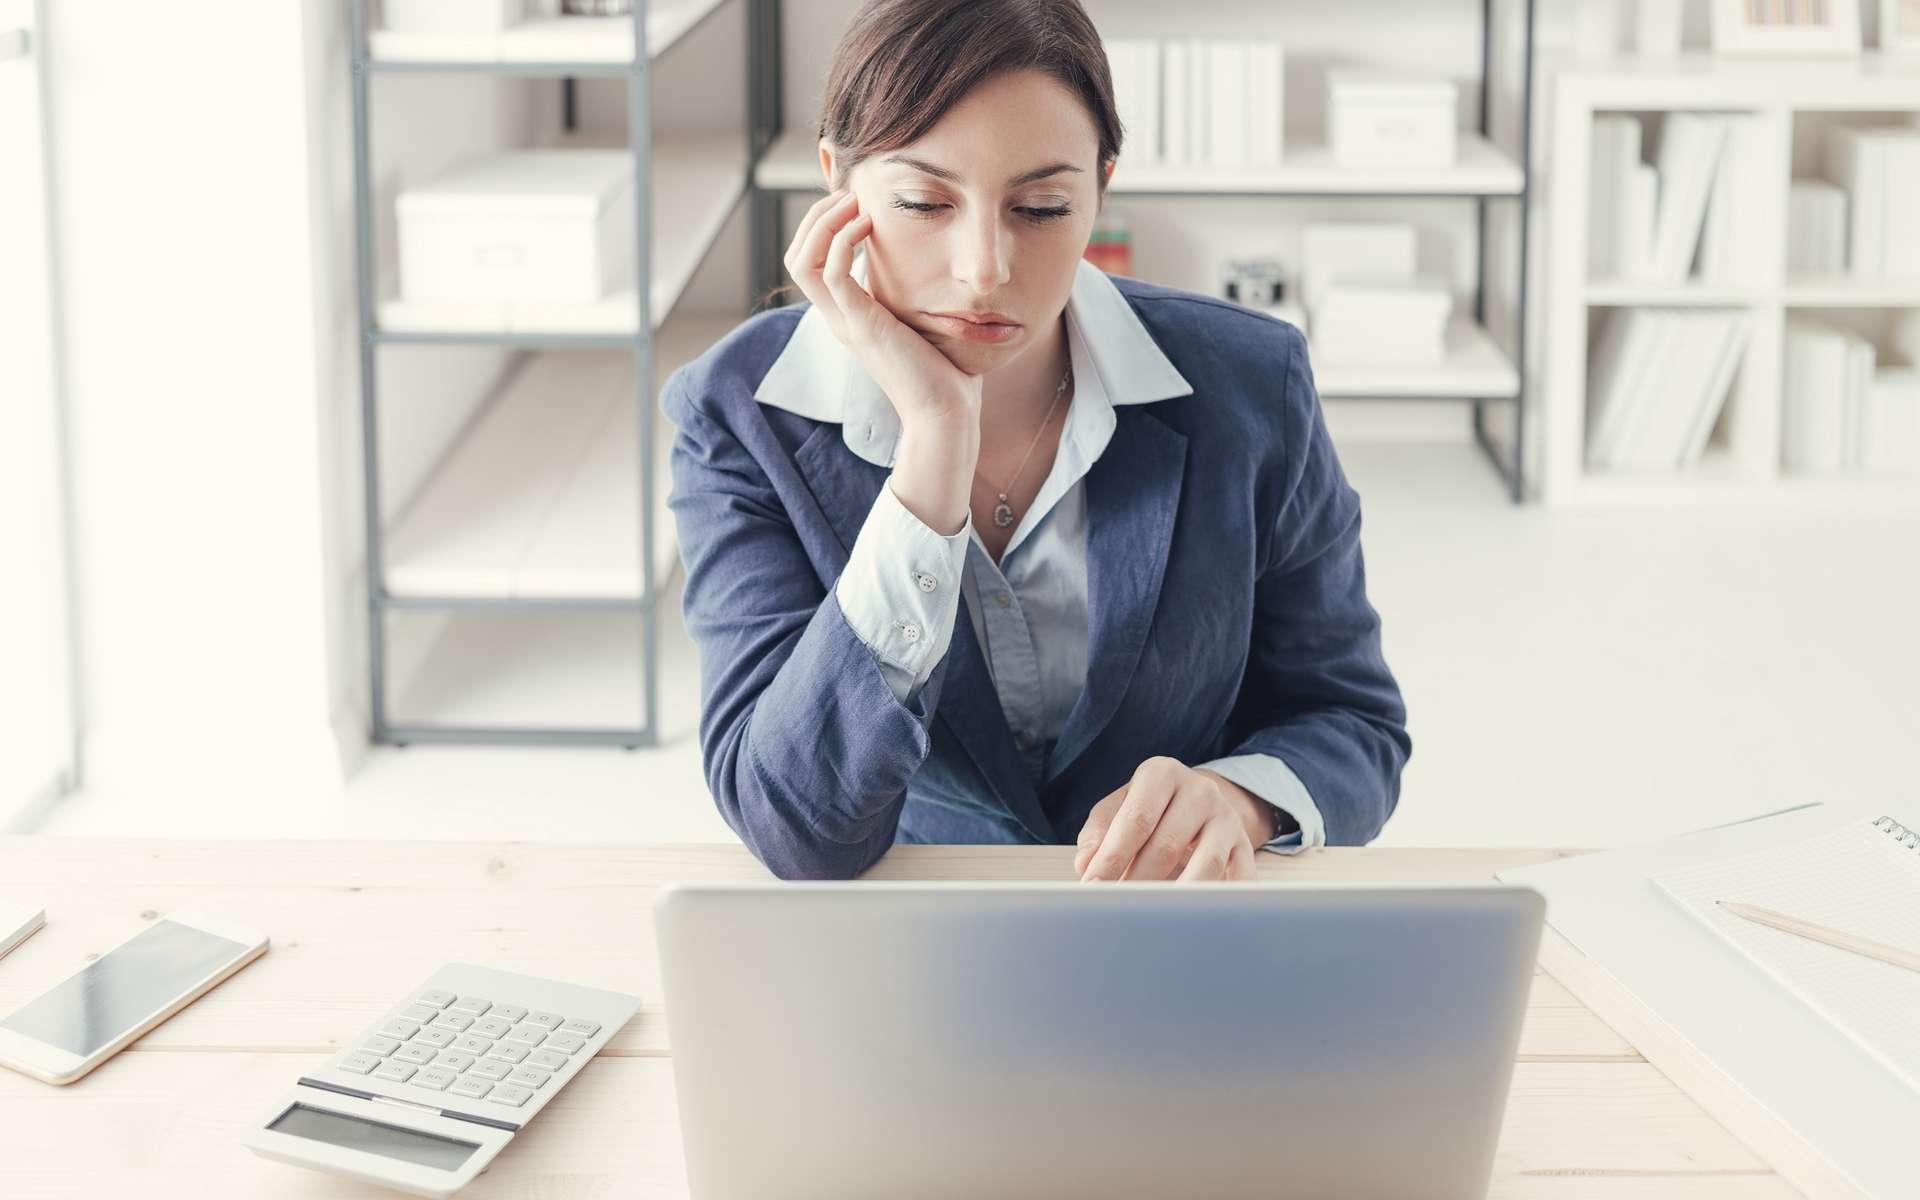 Le bore-out concerne des salariés qui s'ennuient dans leur emploi par manque d'activité. © Stokkete, Shutterstock